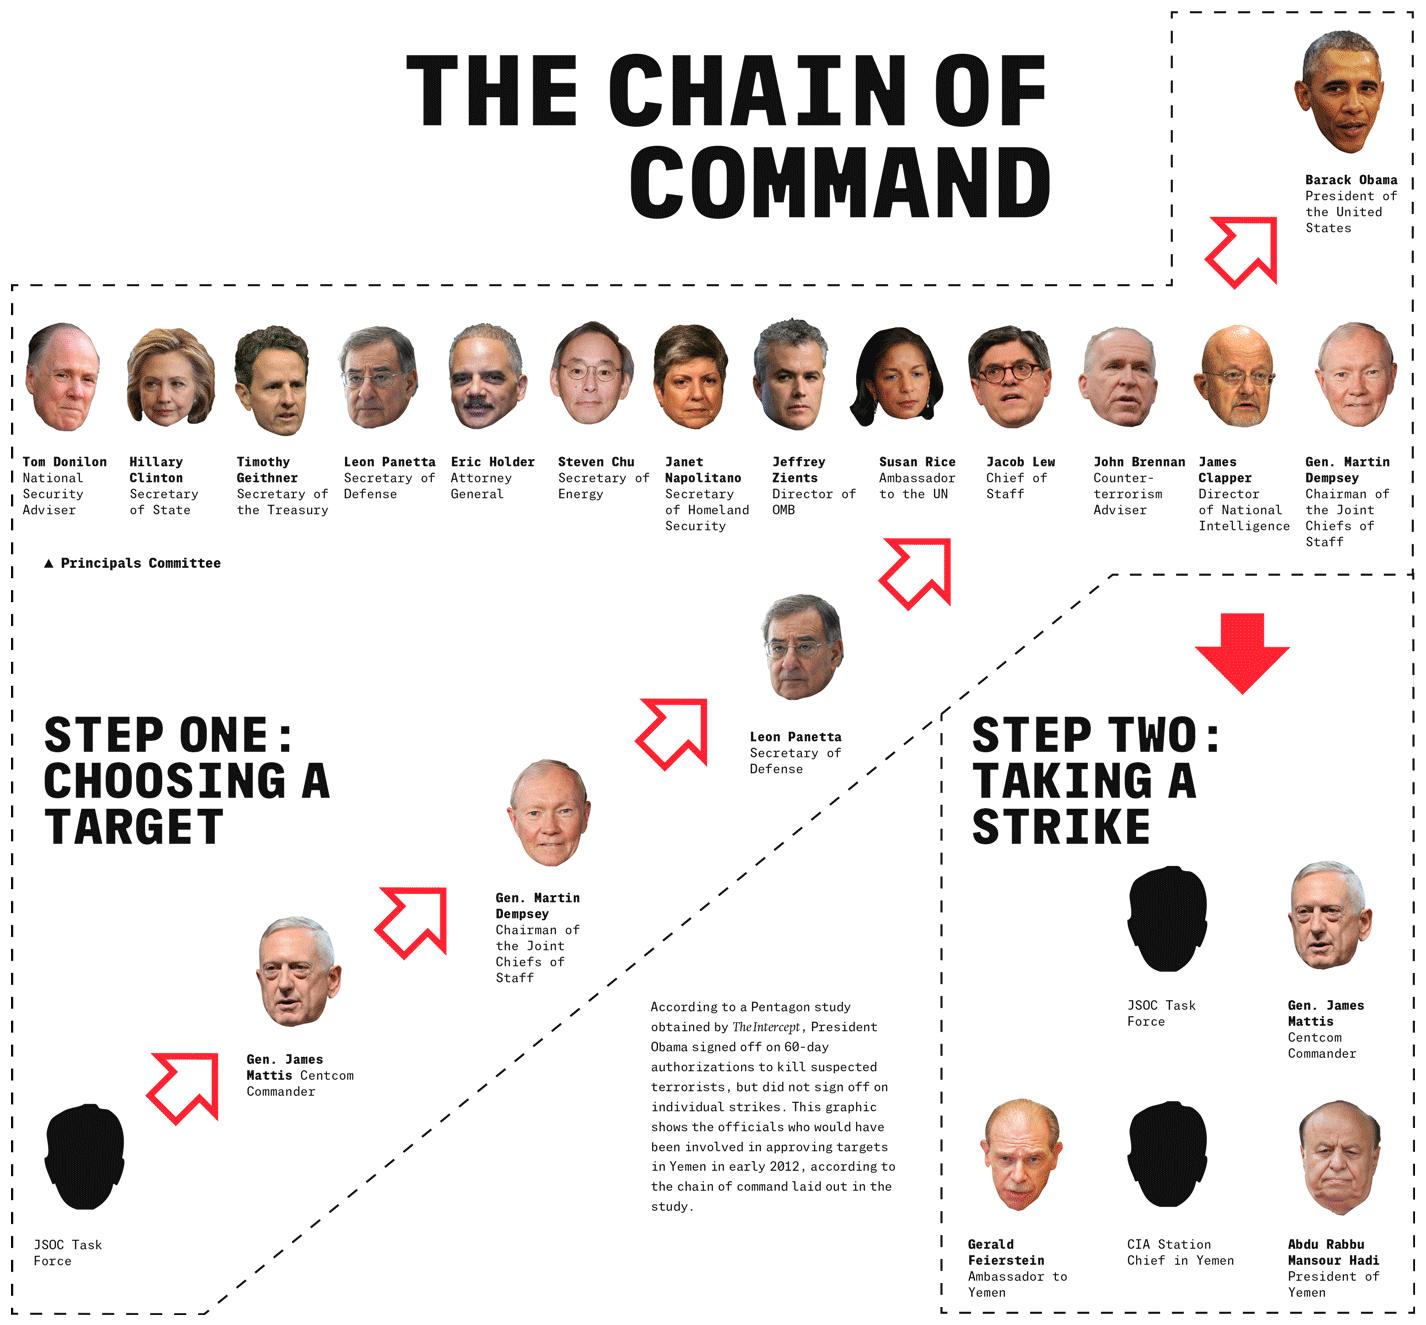 La chaîne de commandement (Infographie: The Intercept).